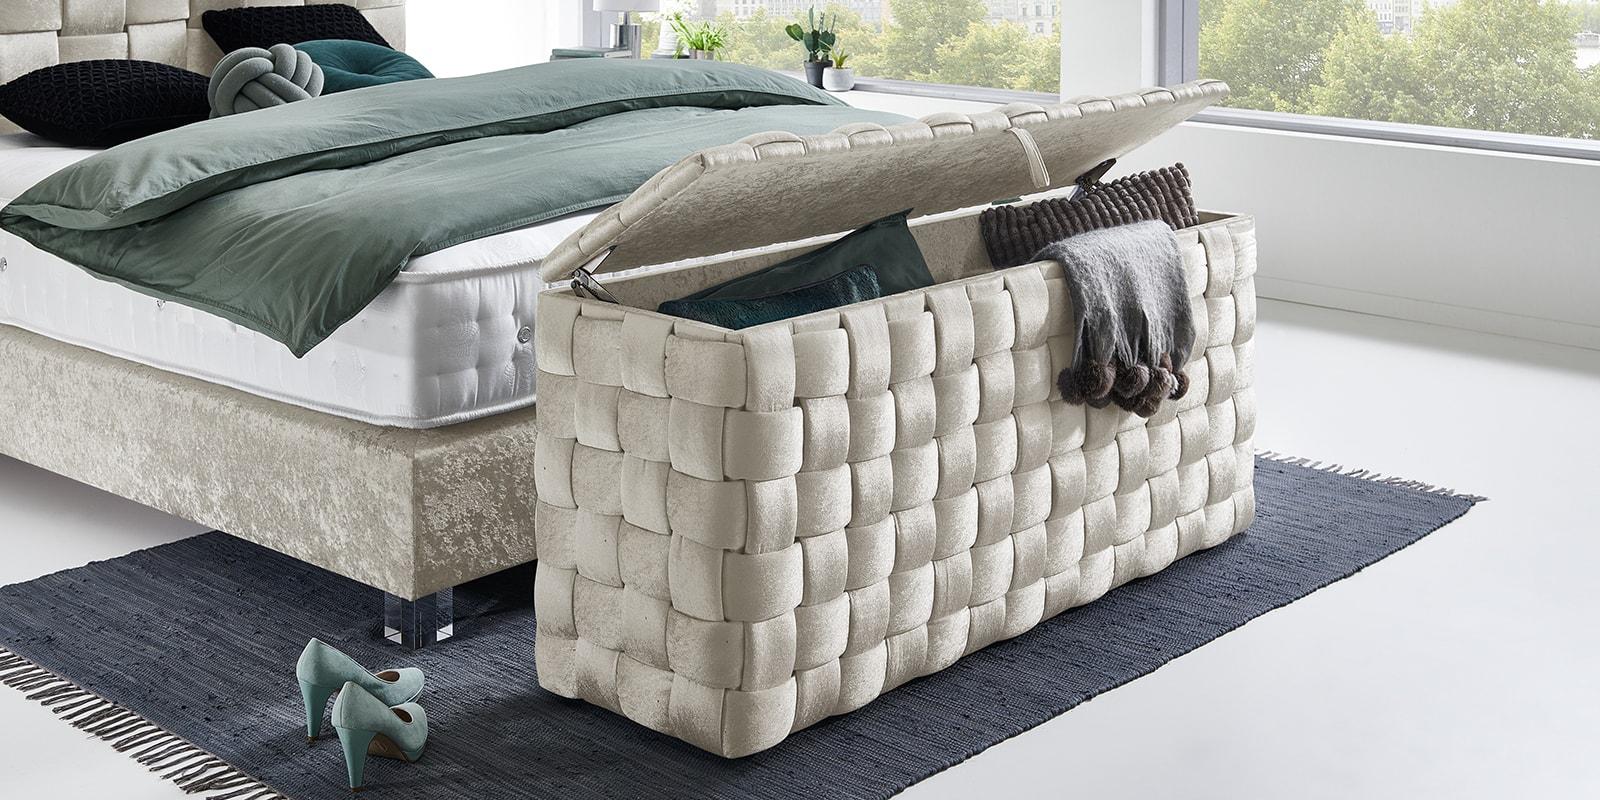 Full Size of Boxspringbett Beige Samt 200x200 180x200 Glaenzend Wales 6 Schlafzimmer Set Mit Sofa Wohnzimmer Boxspringbett Beige Samt